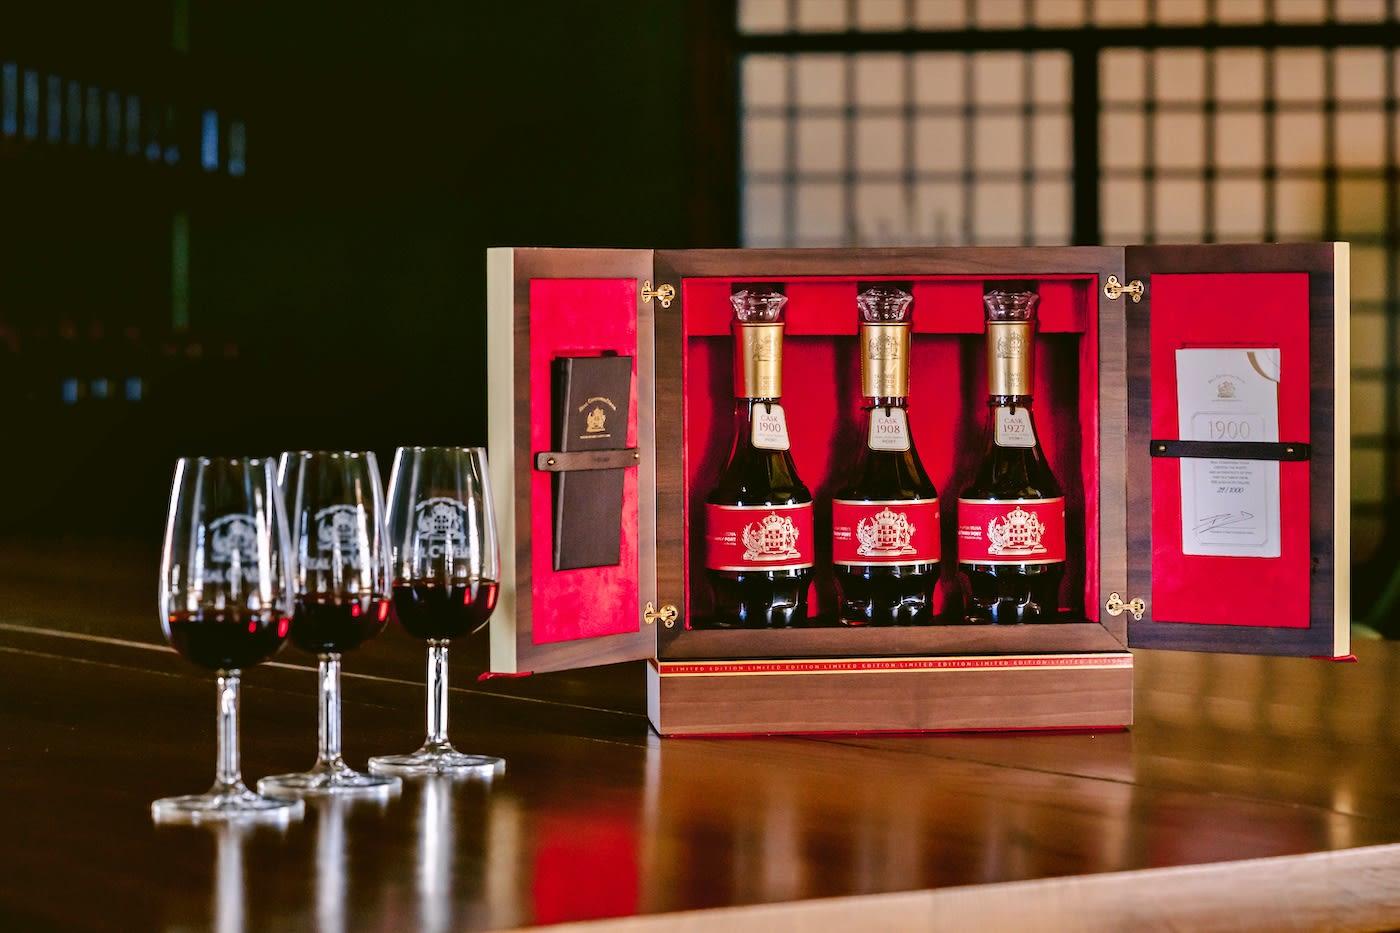 Coleção Rara de Vinho do Porto Very Old Tawny 1900, 1908 e 1927